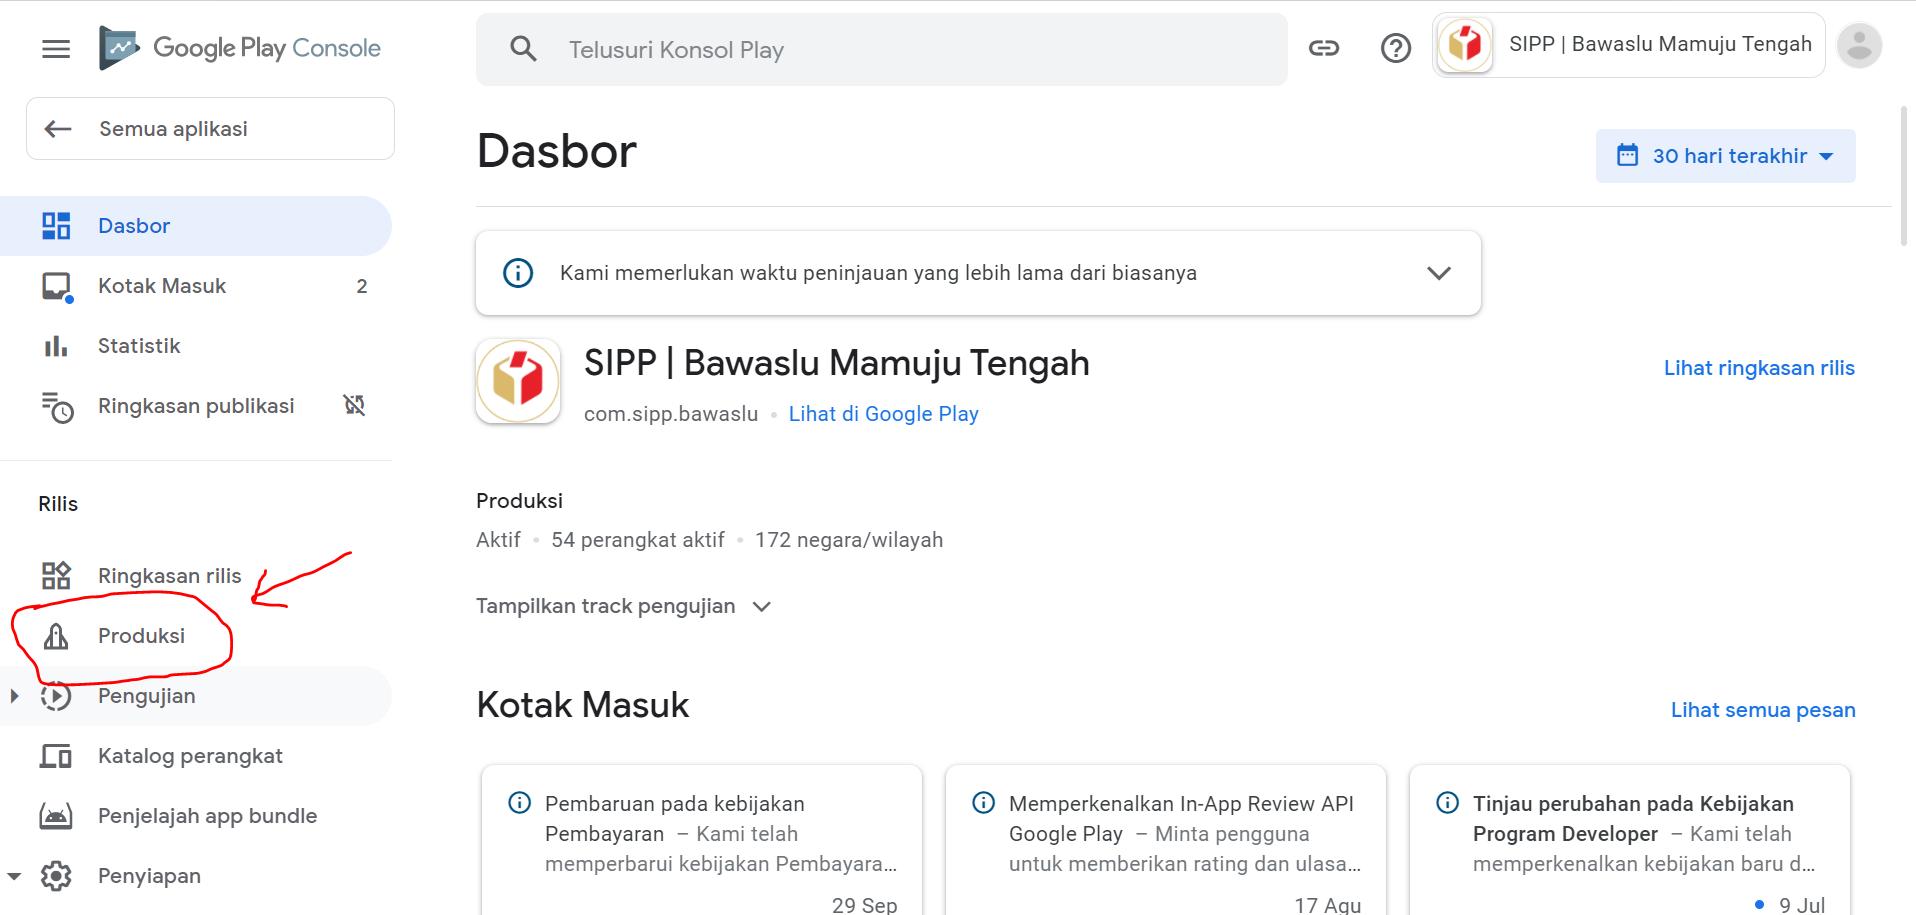 Klik menu produksi untuk update aplikasi di google play